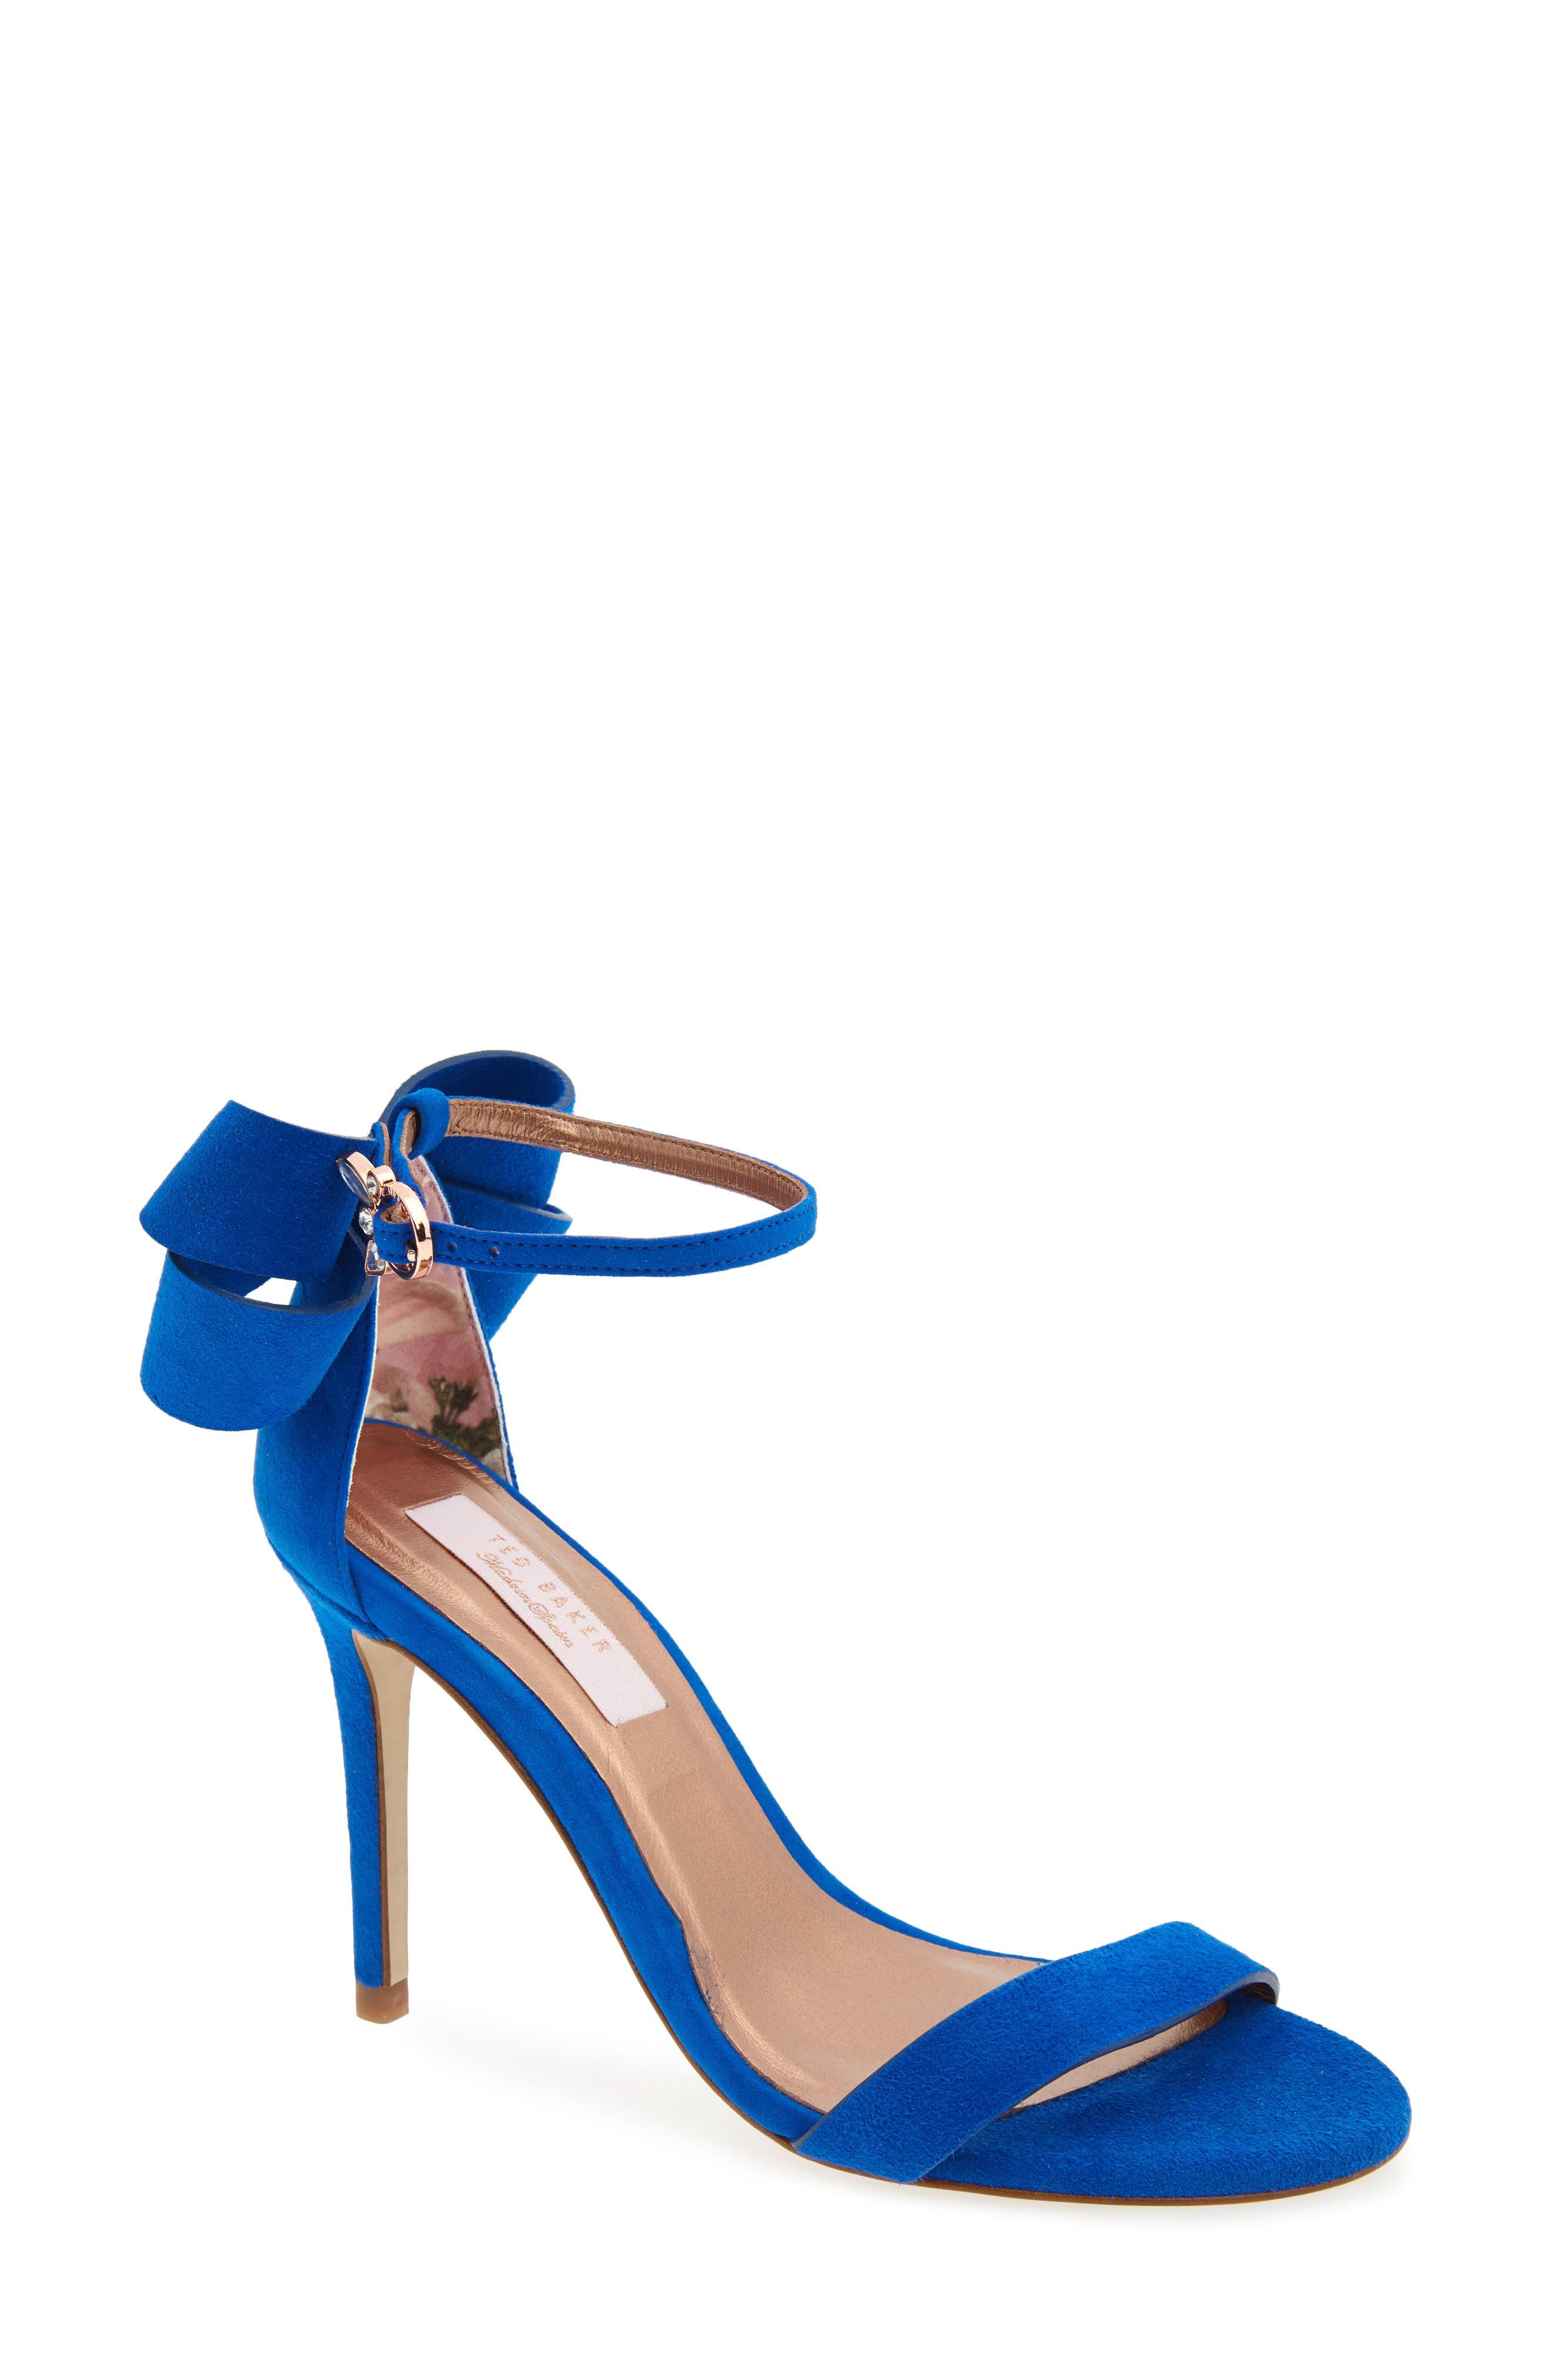 Sandas Sandal,                         Main,                         color, Blue Suede